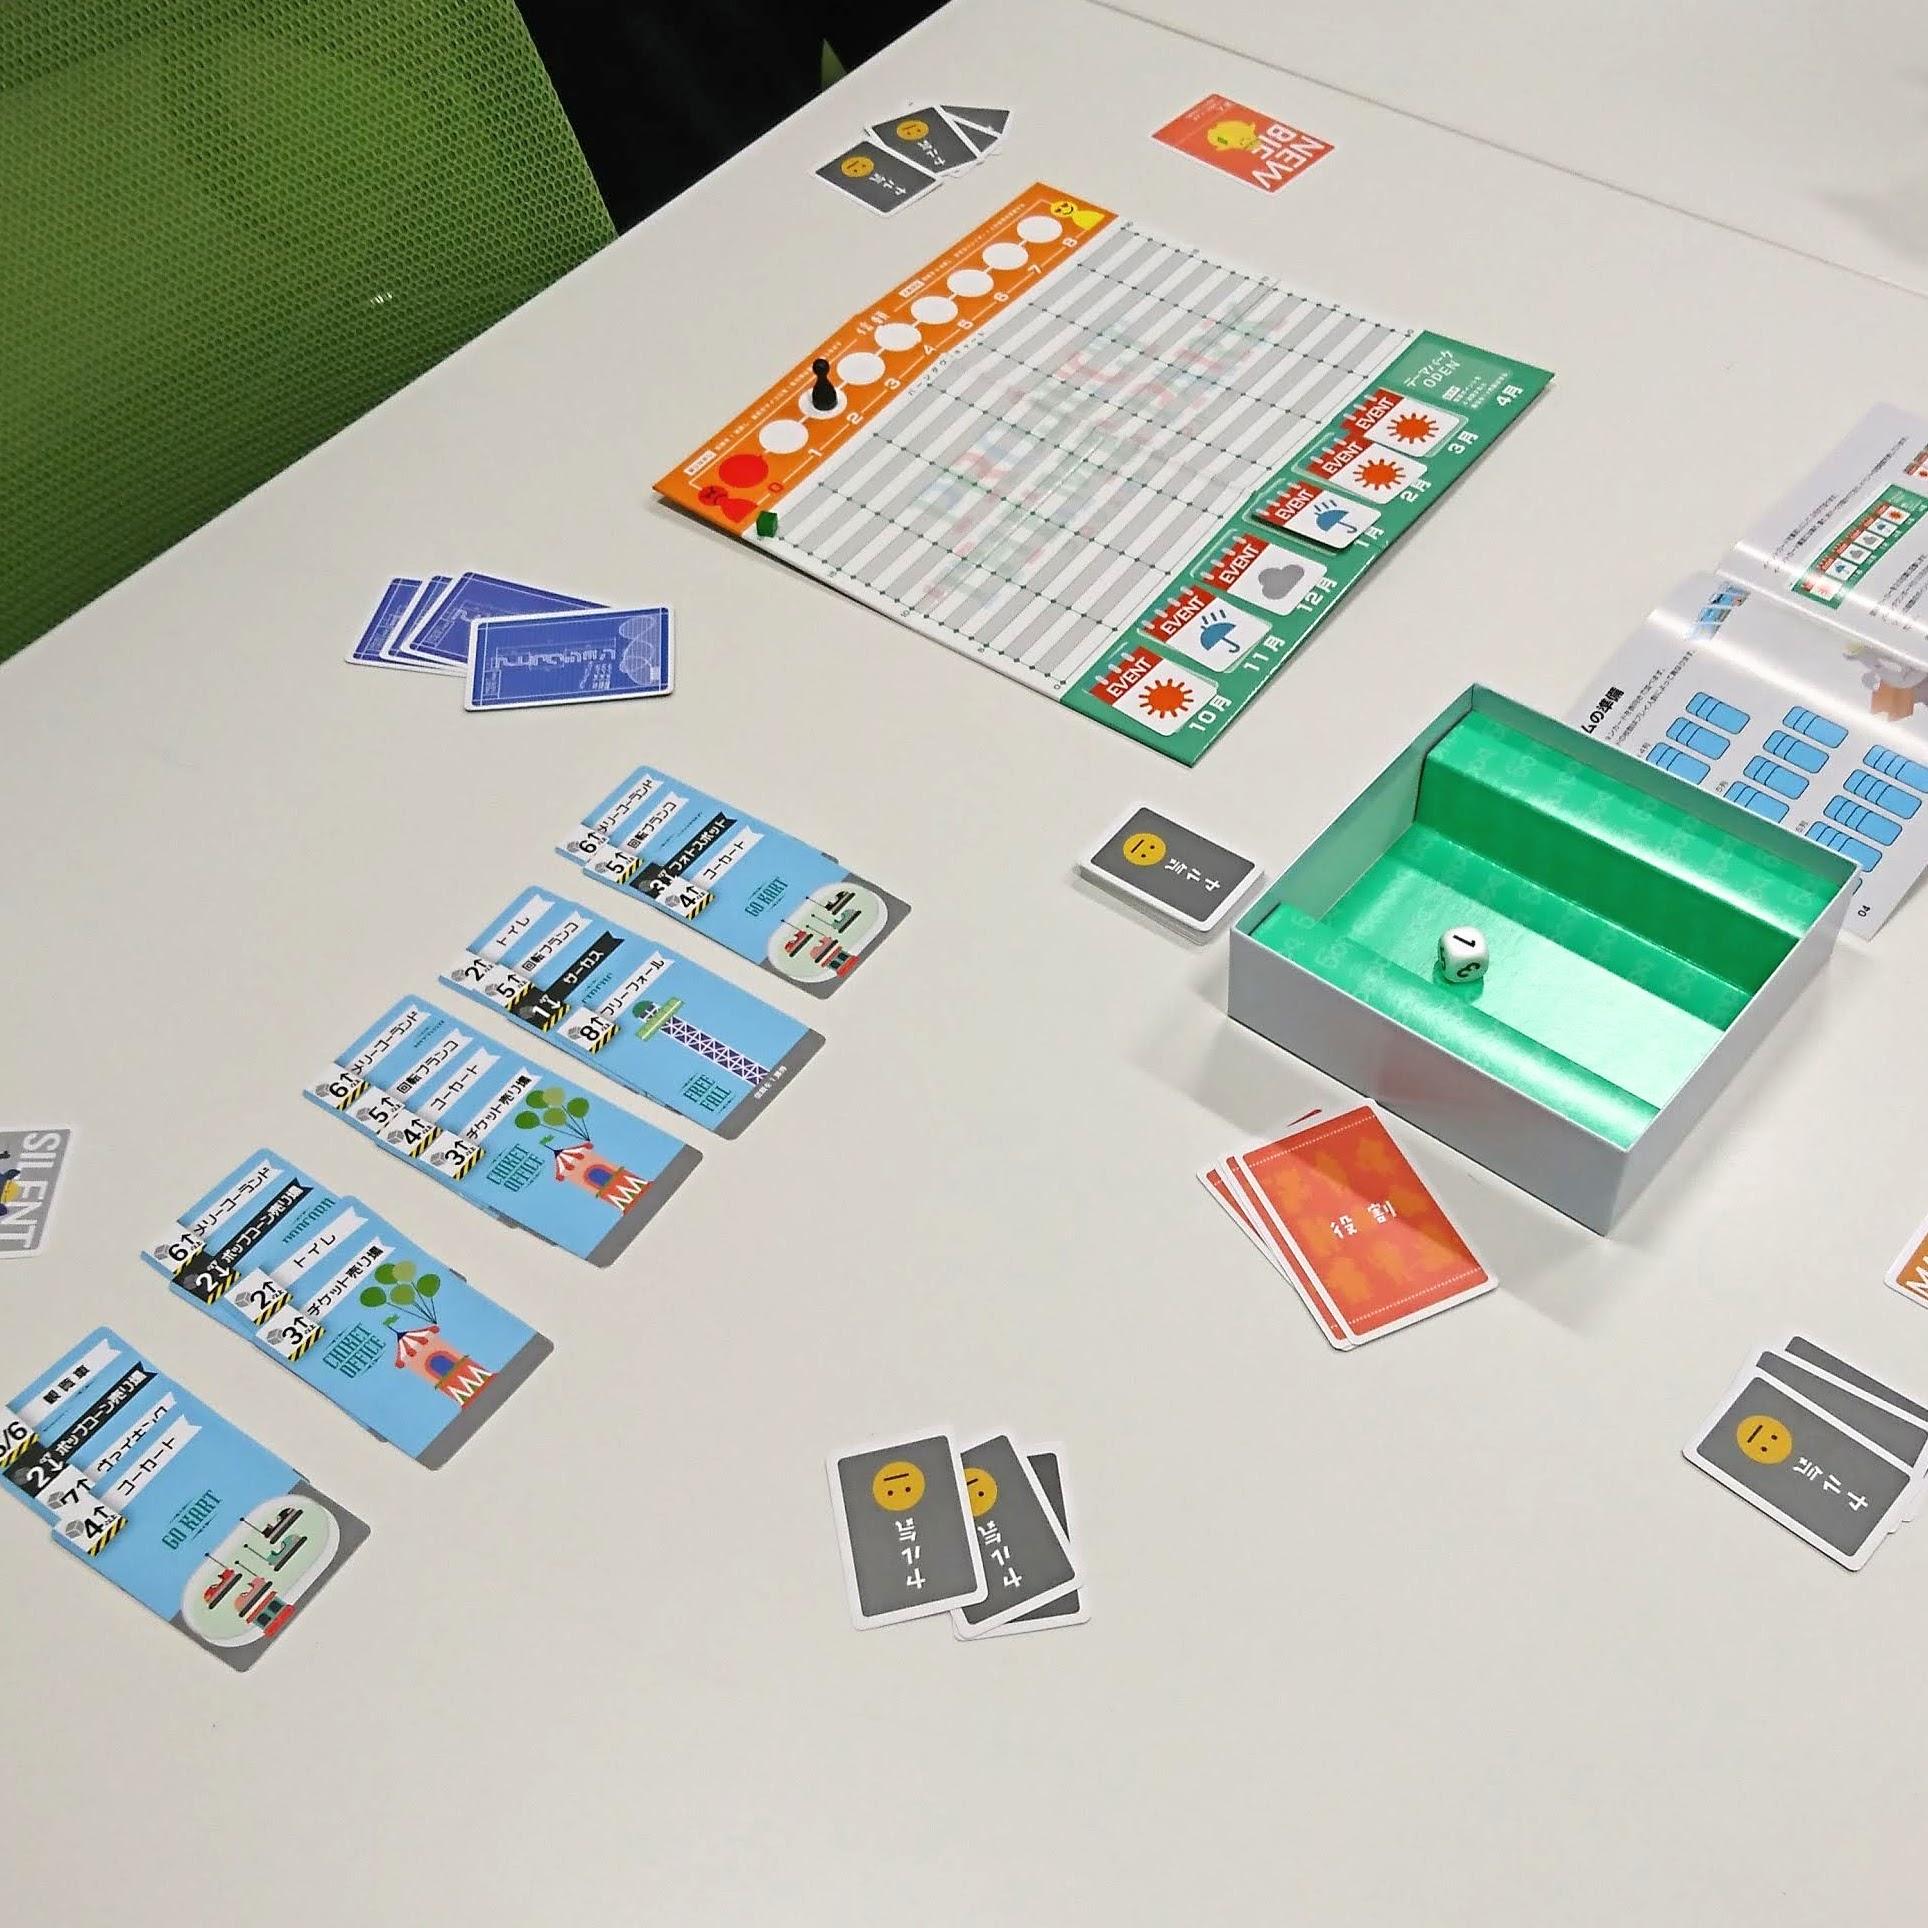 ボードゲーム「プロジェクトテーマパーク」をプレイ!